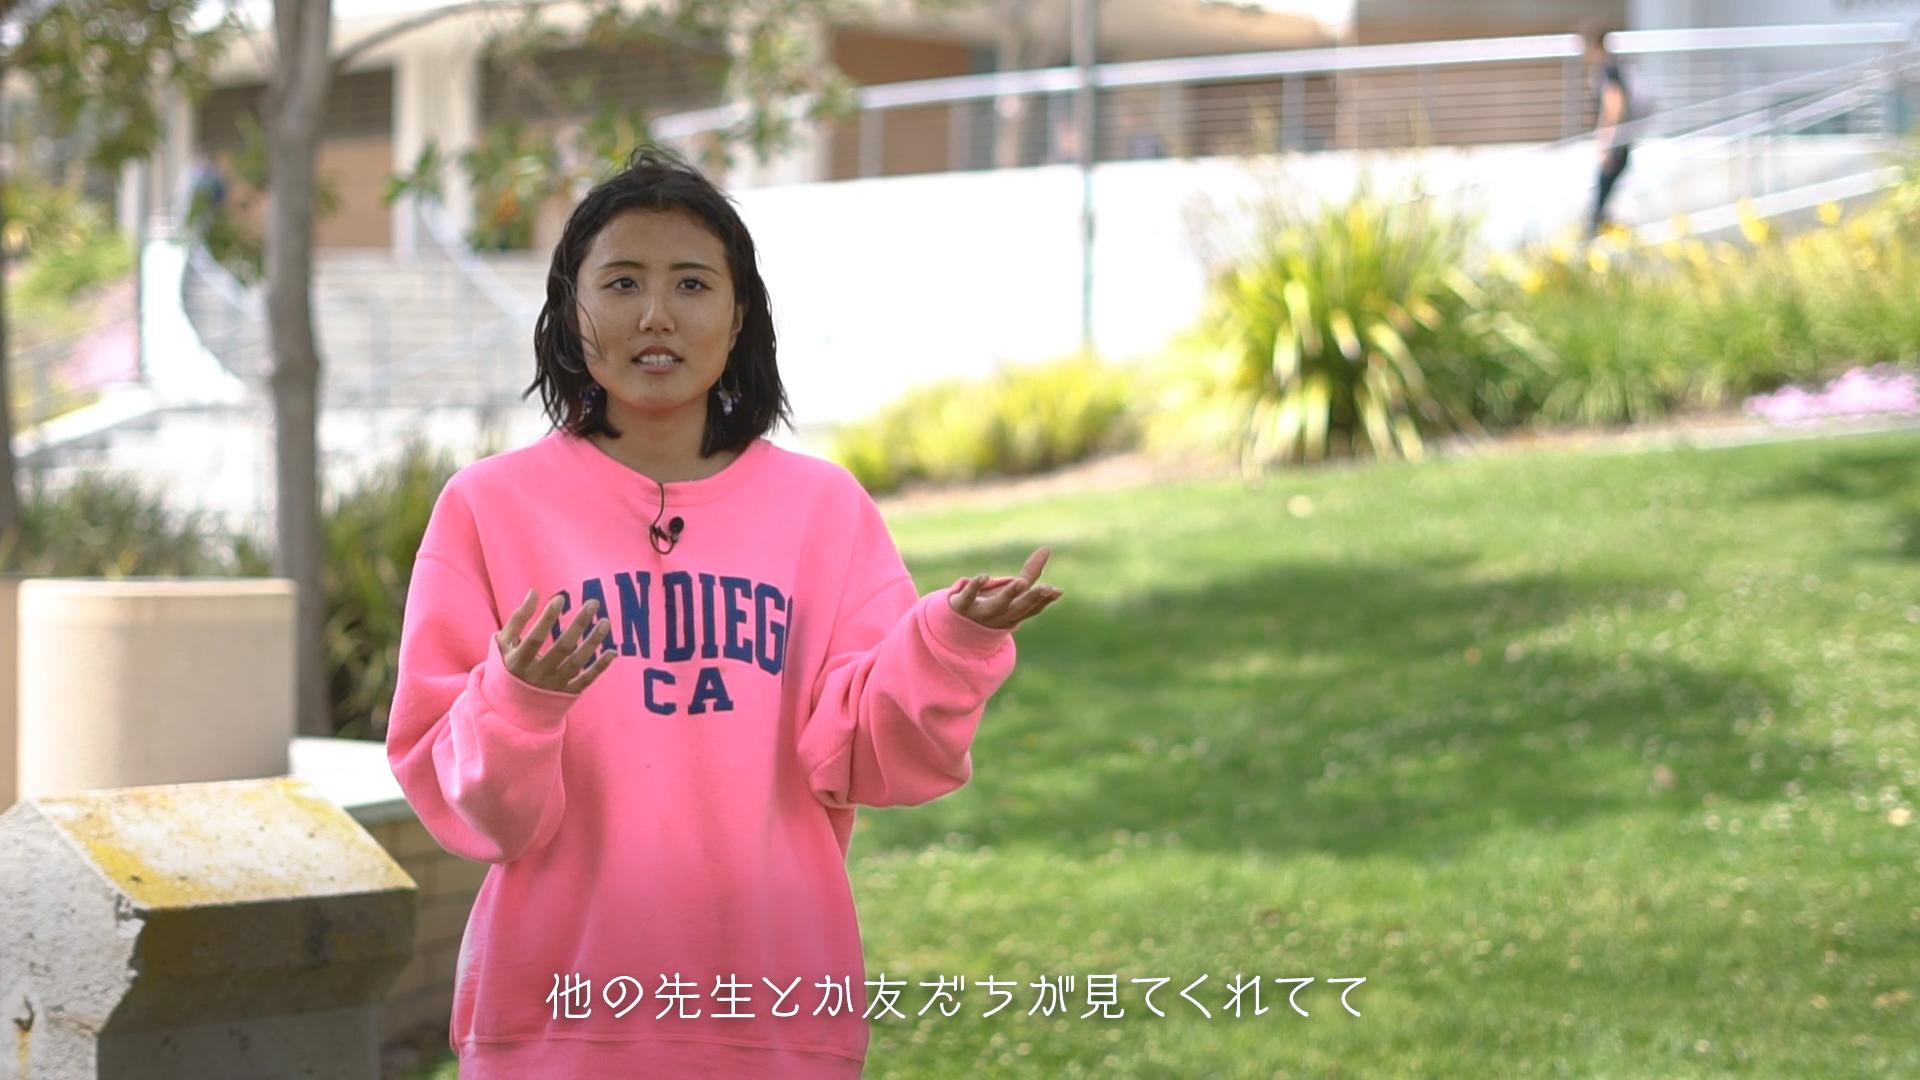 【海外大学3年次編入コース】卒業生インタビュー(グロスモントカレッジ)